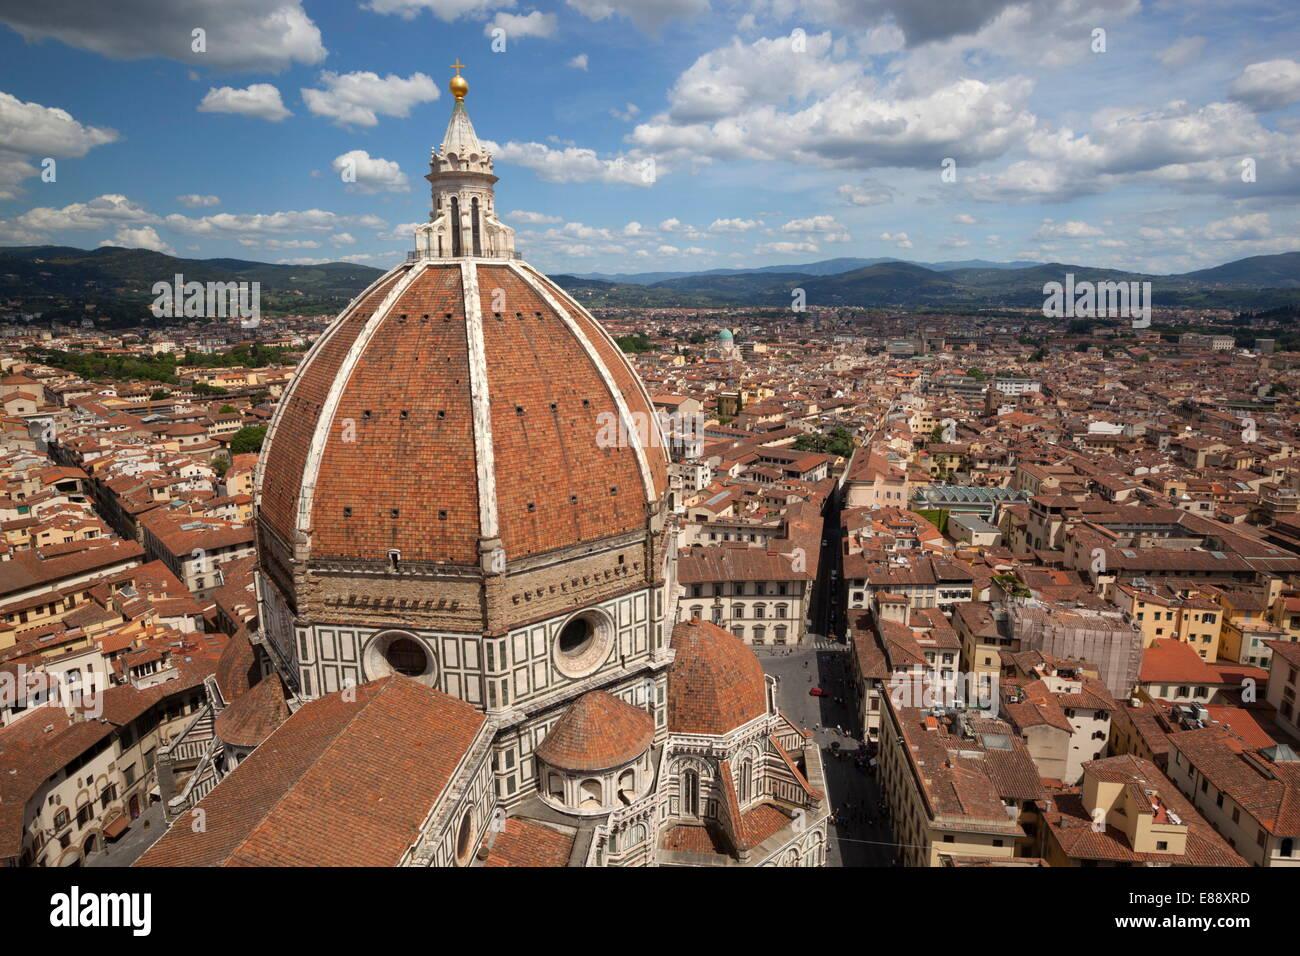 Vue sur le Duomo et le campanile de la ville, Florence, UNESCO World Heritage Site, Toscane, Italie, Europe Photo Stock